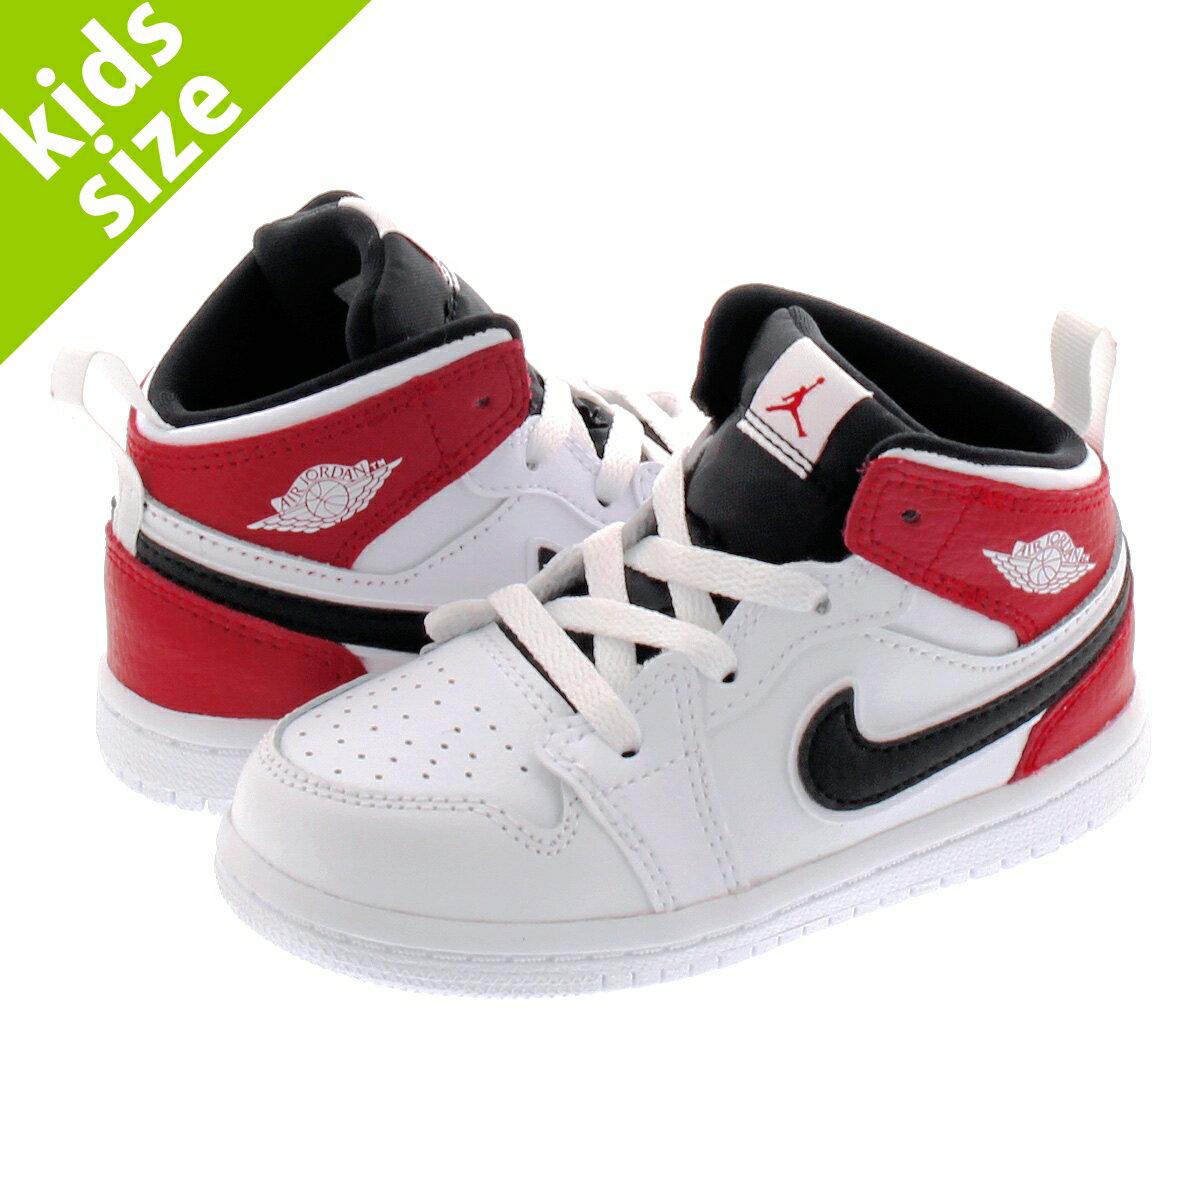 靴, スニーカー 8.016.0cm NIKE AIR JORDAN 1 MID BT 1 BT WHITEBLACKGYM RED 640735-116